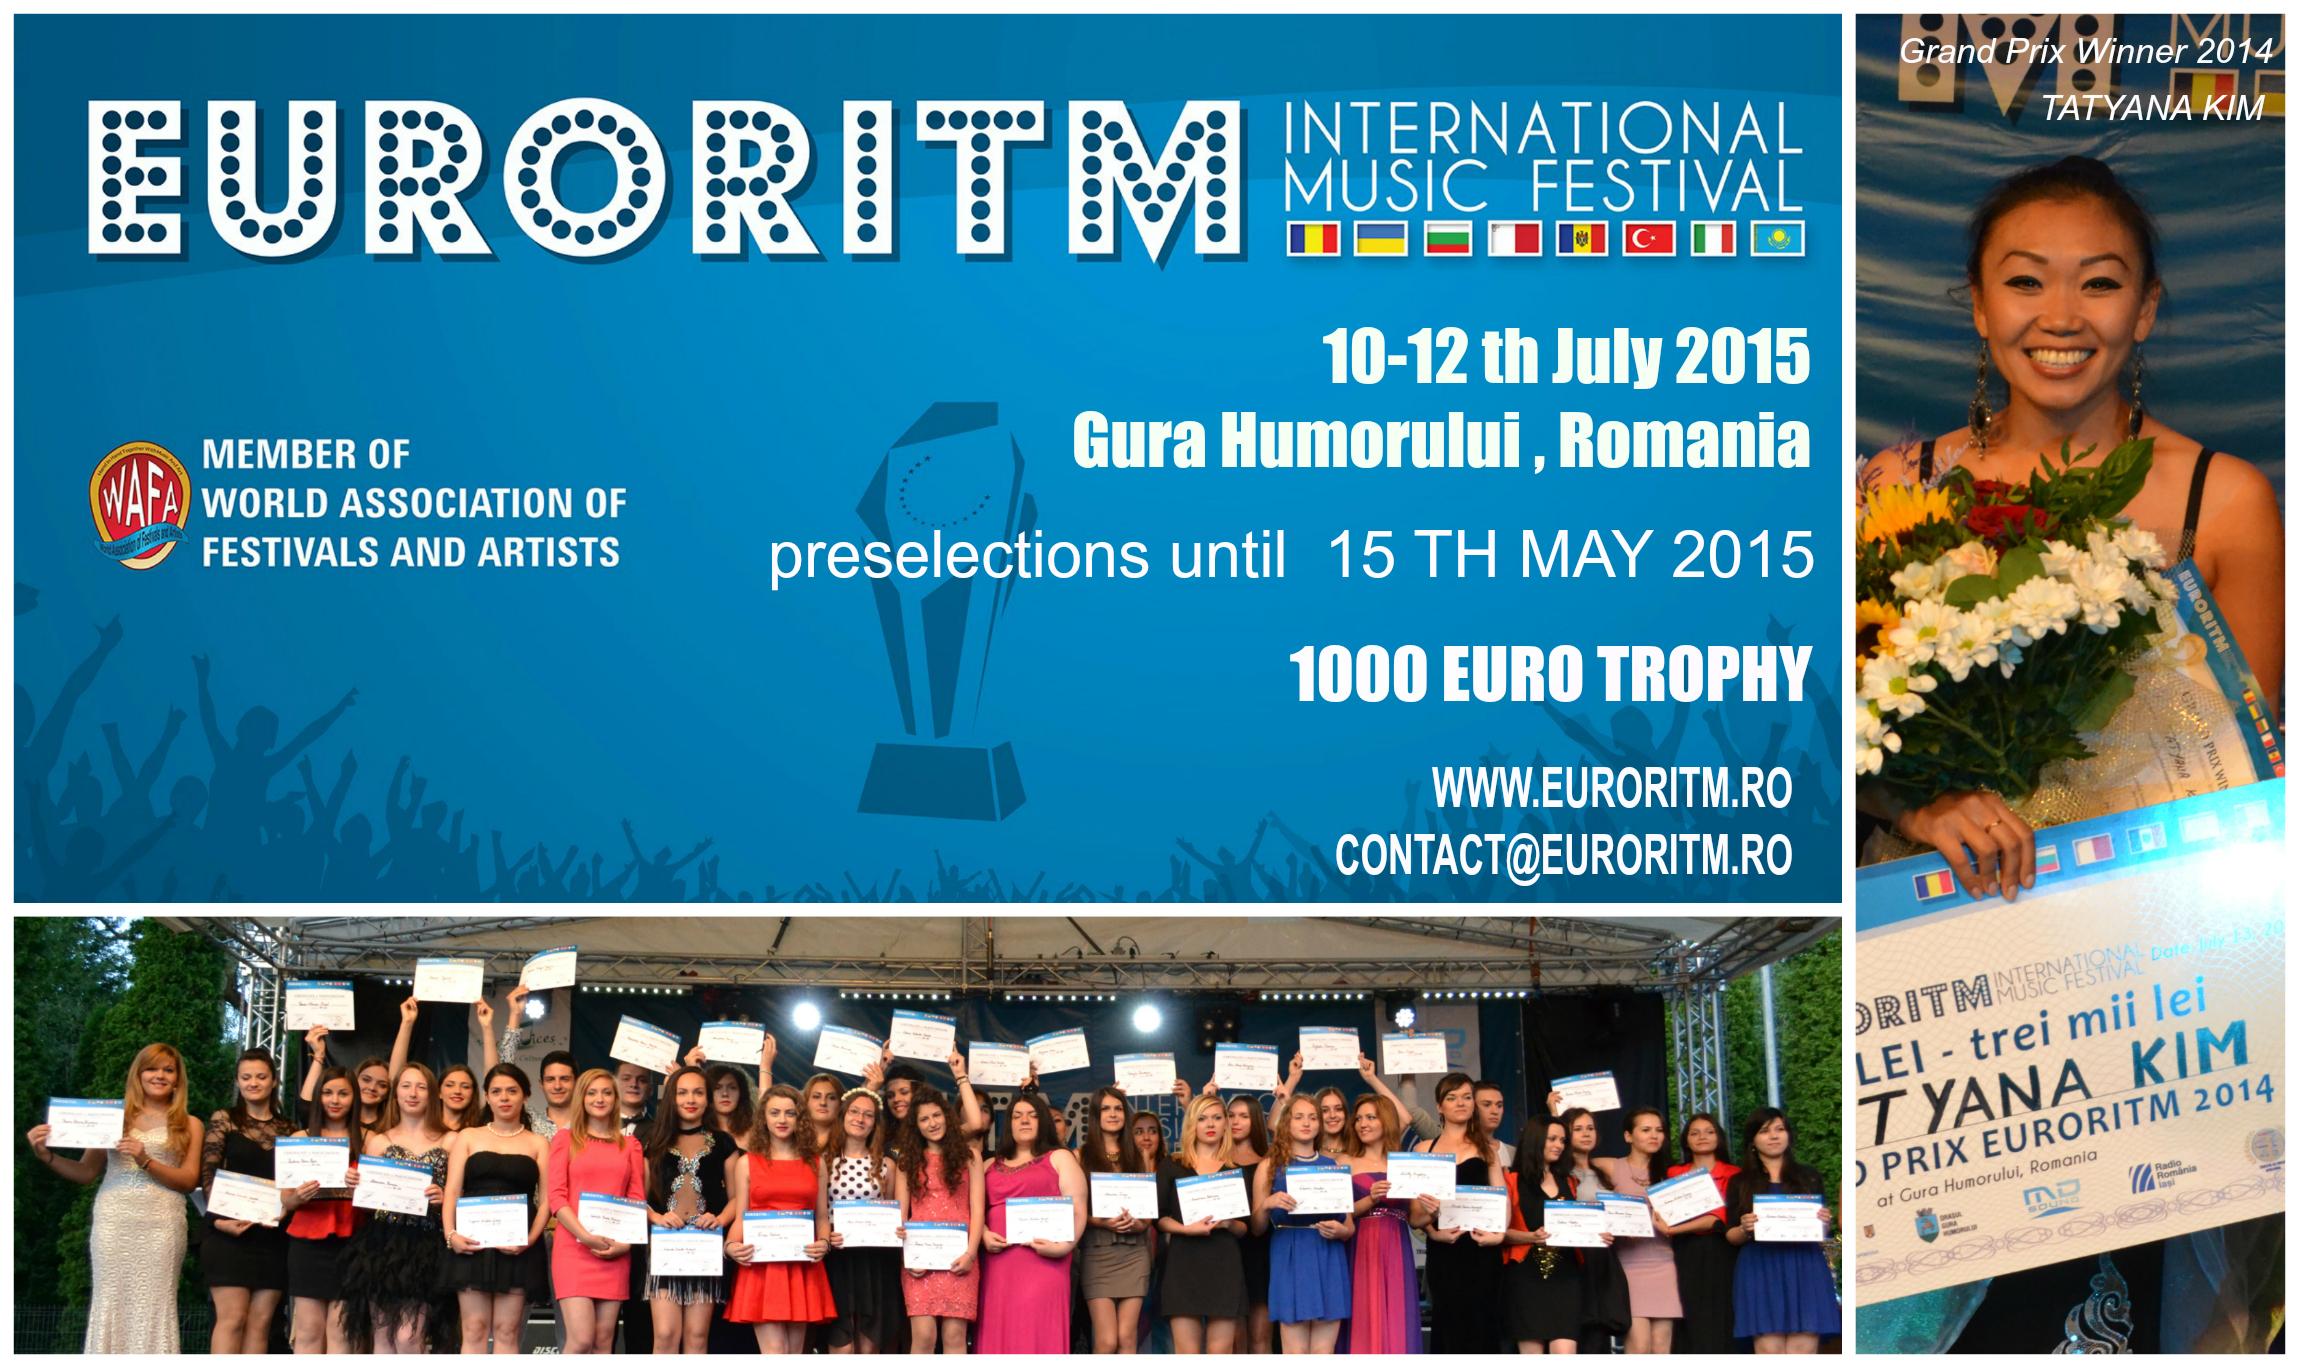 AU ÎNCEPUT ÎNSCRIERILE LA FESTIVALUL INTERNAȚIONAL DE MUZICĂ PENTRU TINERET EURORITM 2015!